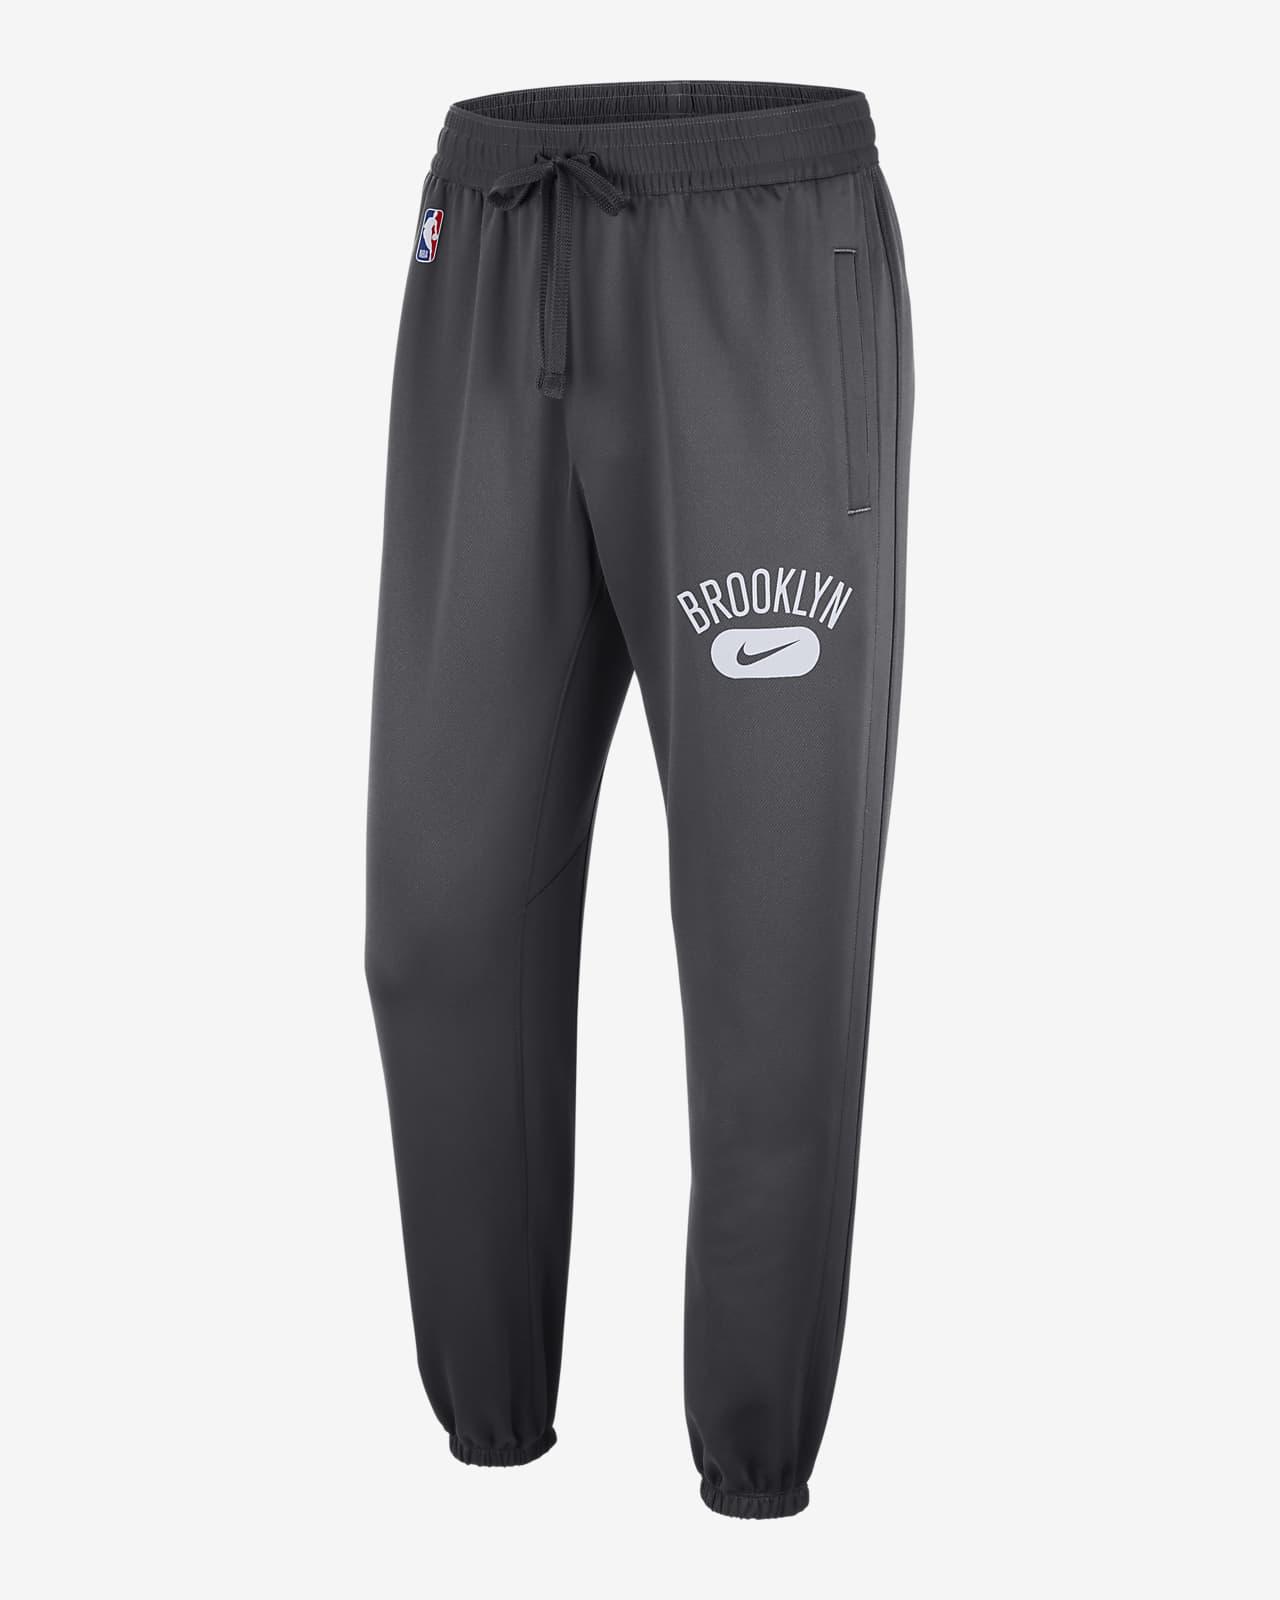 Brooklyn Nets Spotlight Men's Nike Dri-FIT NBA Trousers